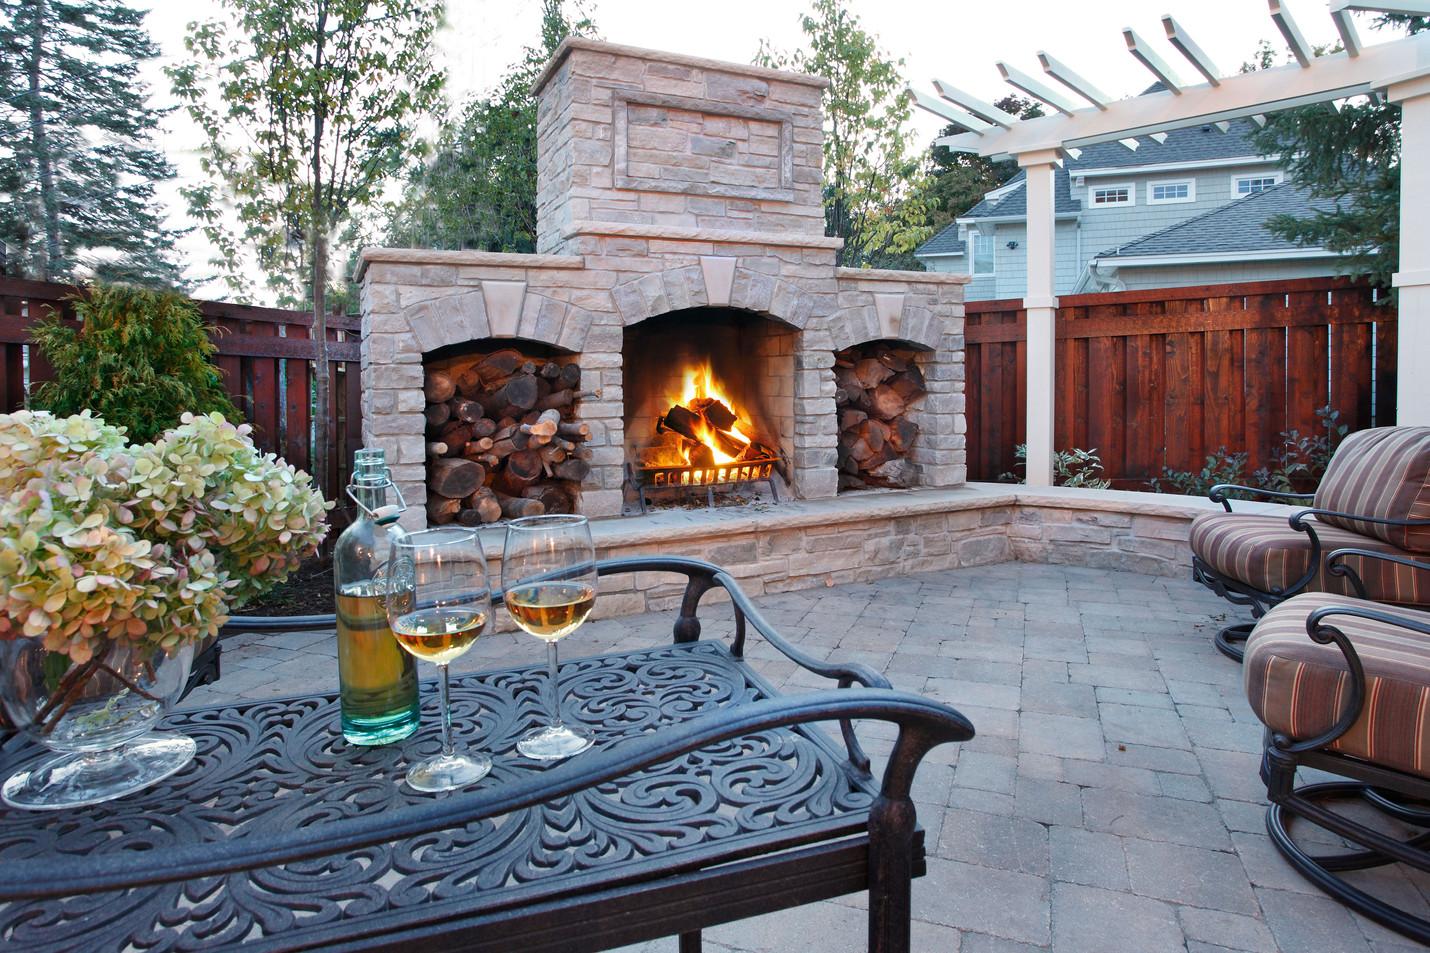 5500_patio fireplace.jpg